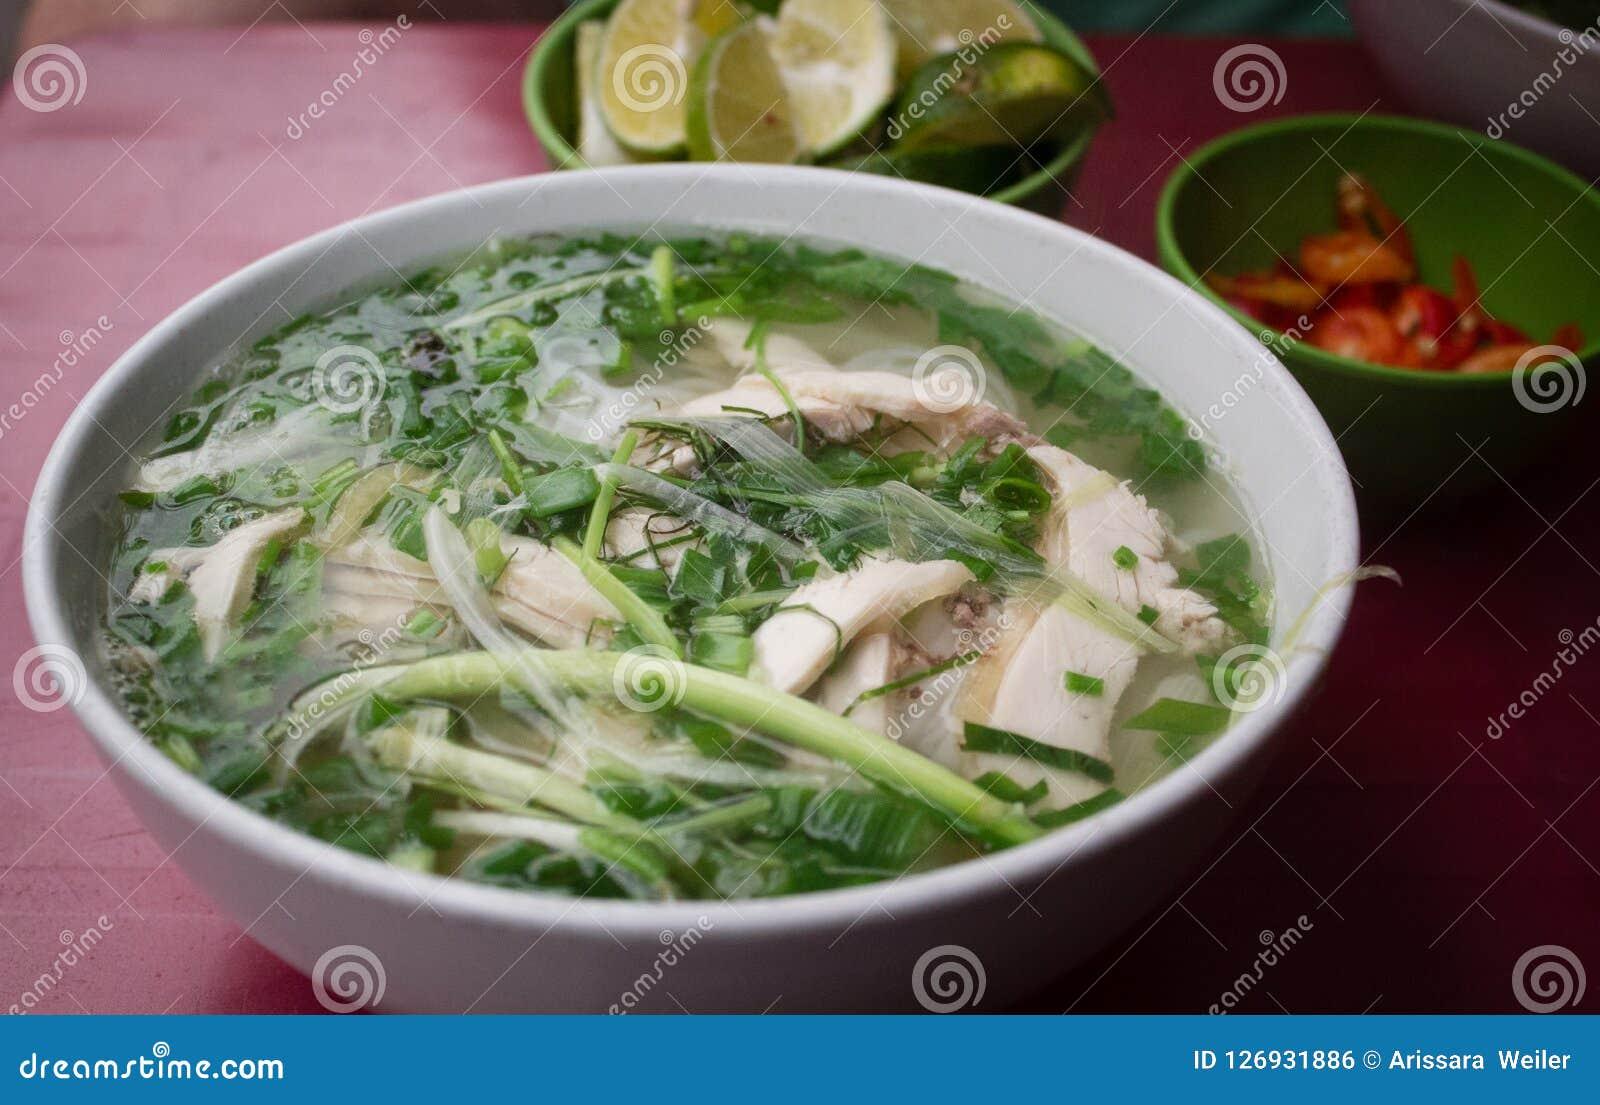 Pho - potage au poulet de nouille de riz